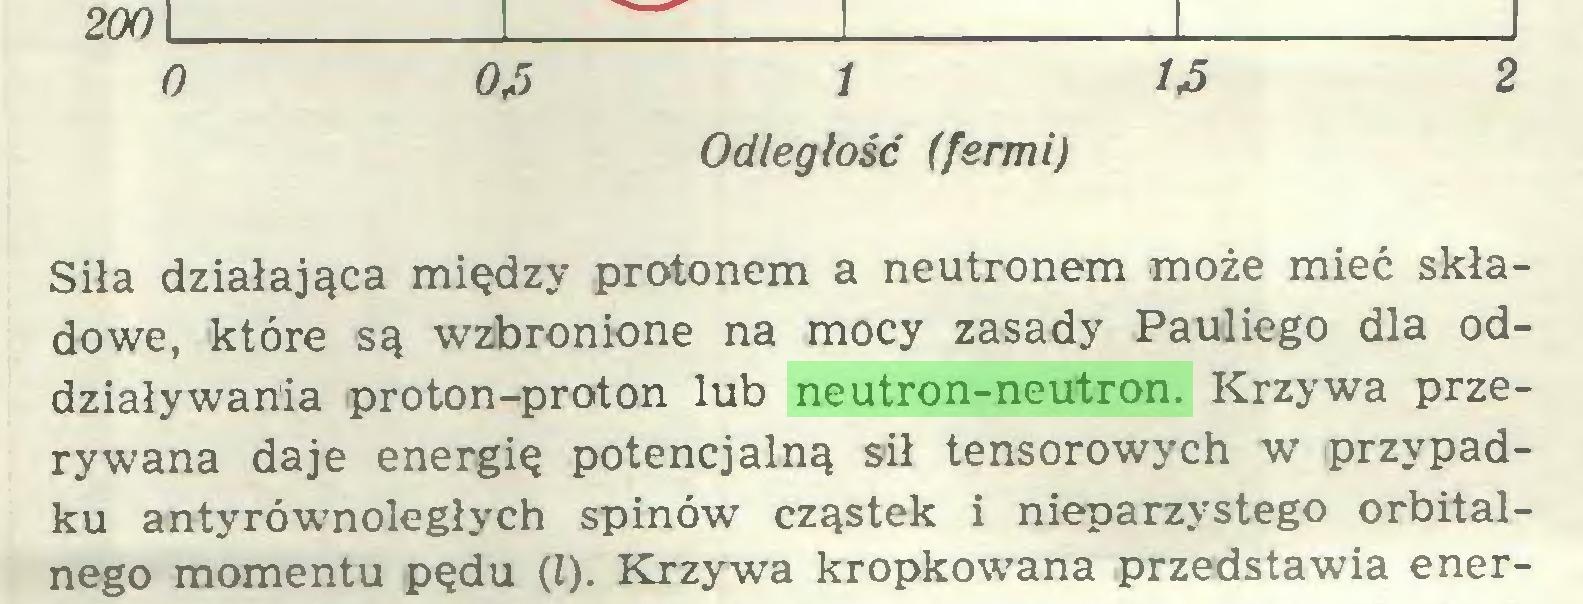 (...) O 0J5 i 1J5 2 Odległość (fermi) Siła działająca między protonem a neutronem może mieć składowe, które są wzbronione na mocy zasady Pauliego dla oddziaływania proton-proton lub neutron-neutron. Krzywa przerywana daje energię potencjalną sił tensorowych w przypadku antyrównoległych spinów cząstek i nieparzystego orbitalnego momentu pędu (l). Krzywa kropkowana przedstawia ener...